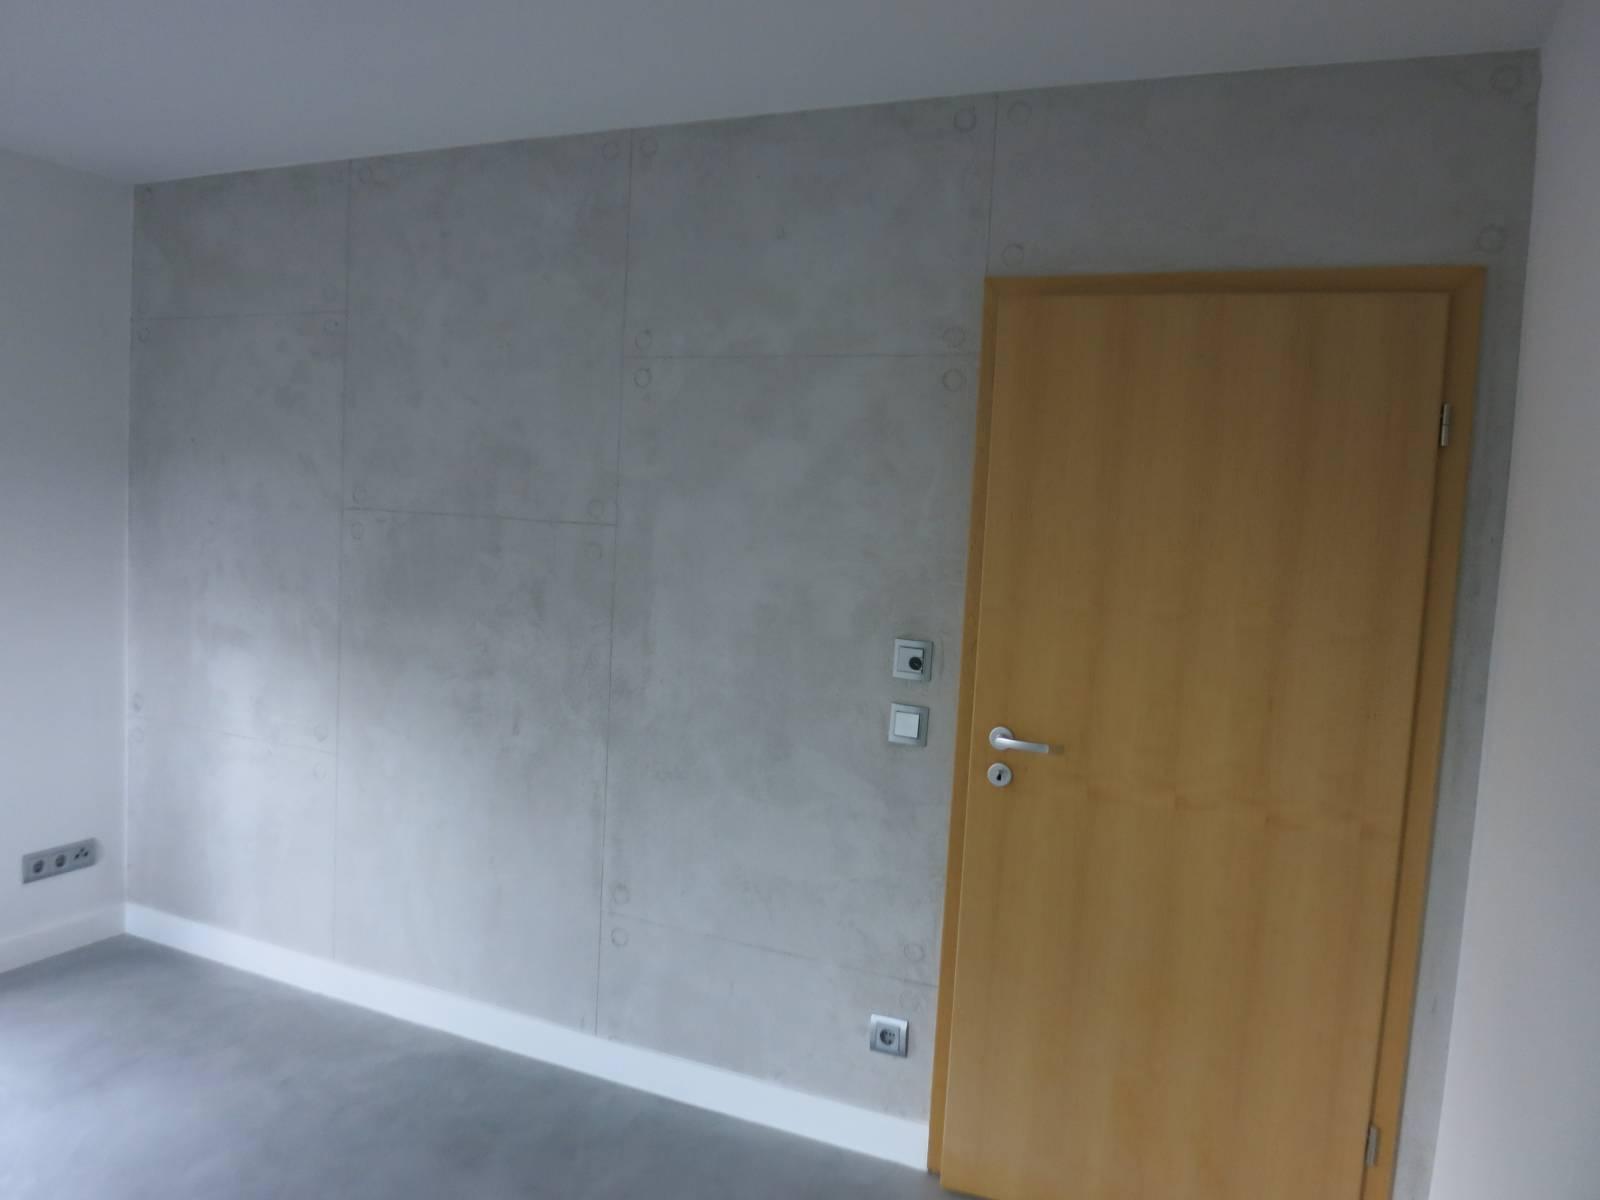 Wand in betonoptik appel malermeisterbetrieb - Betonoptik wand bad ...